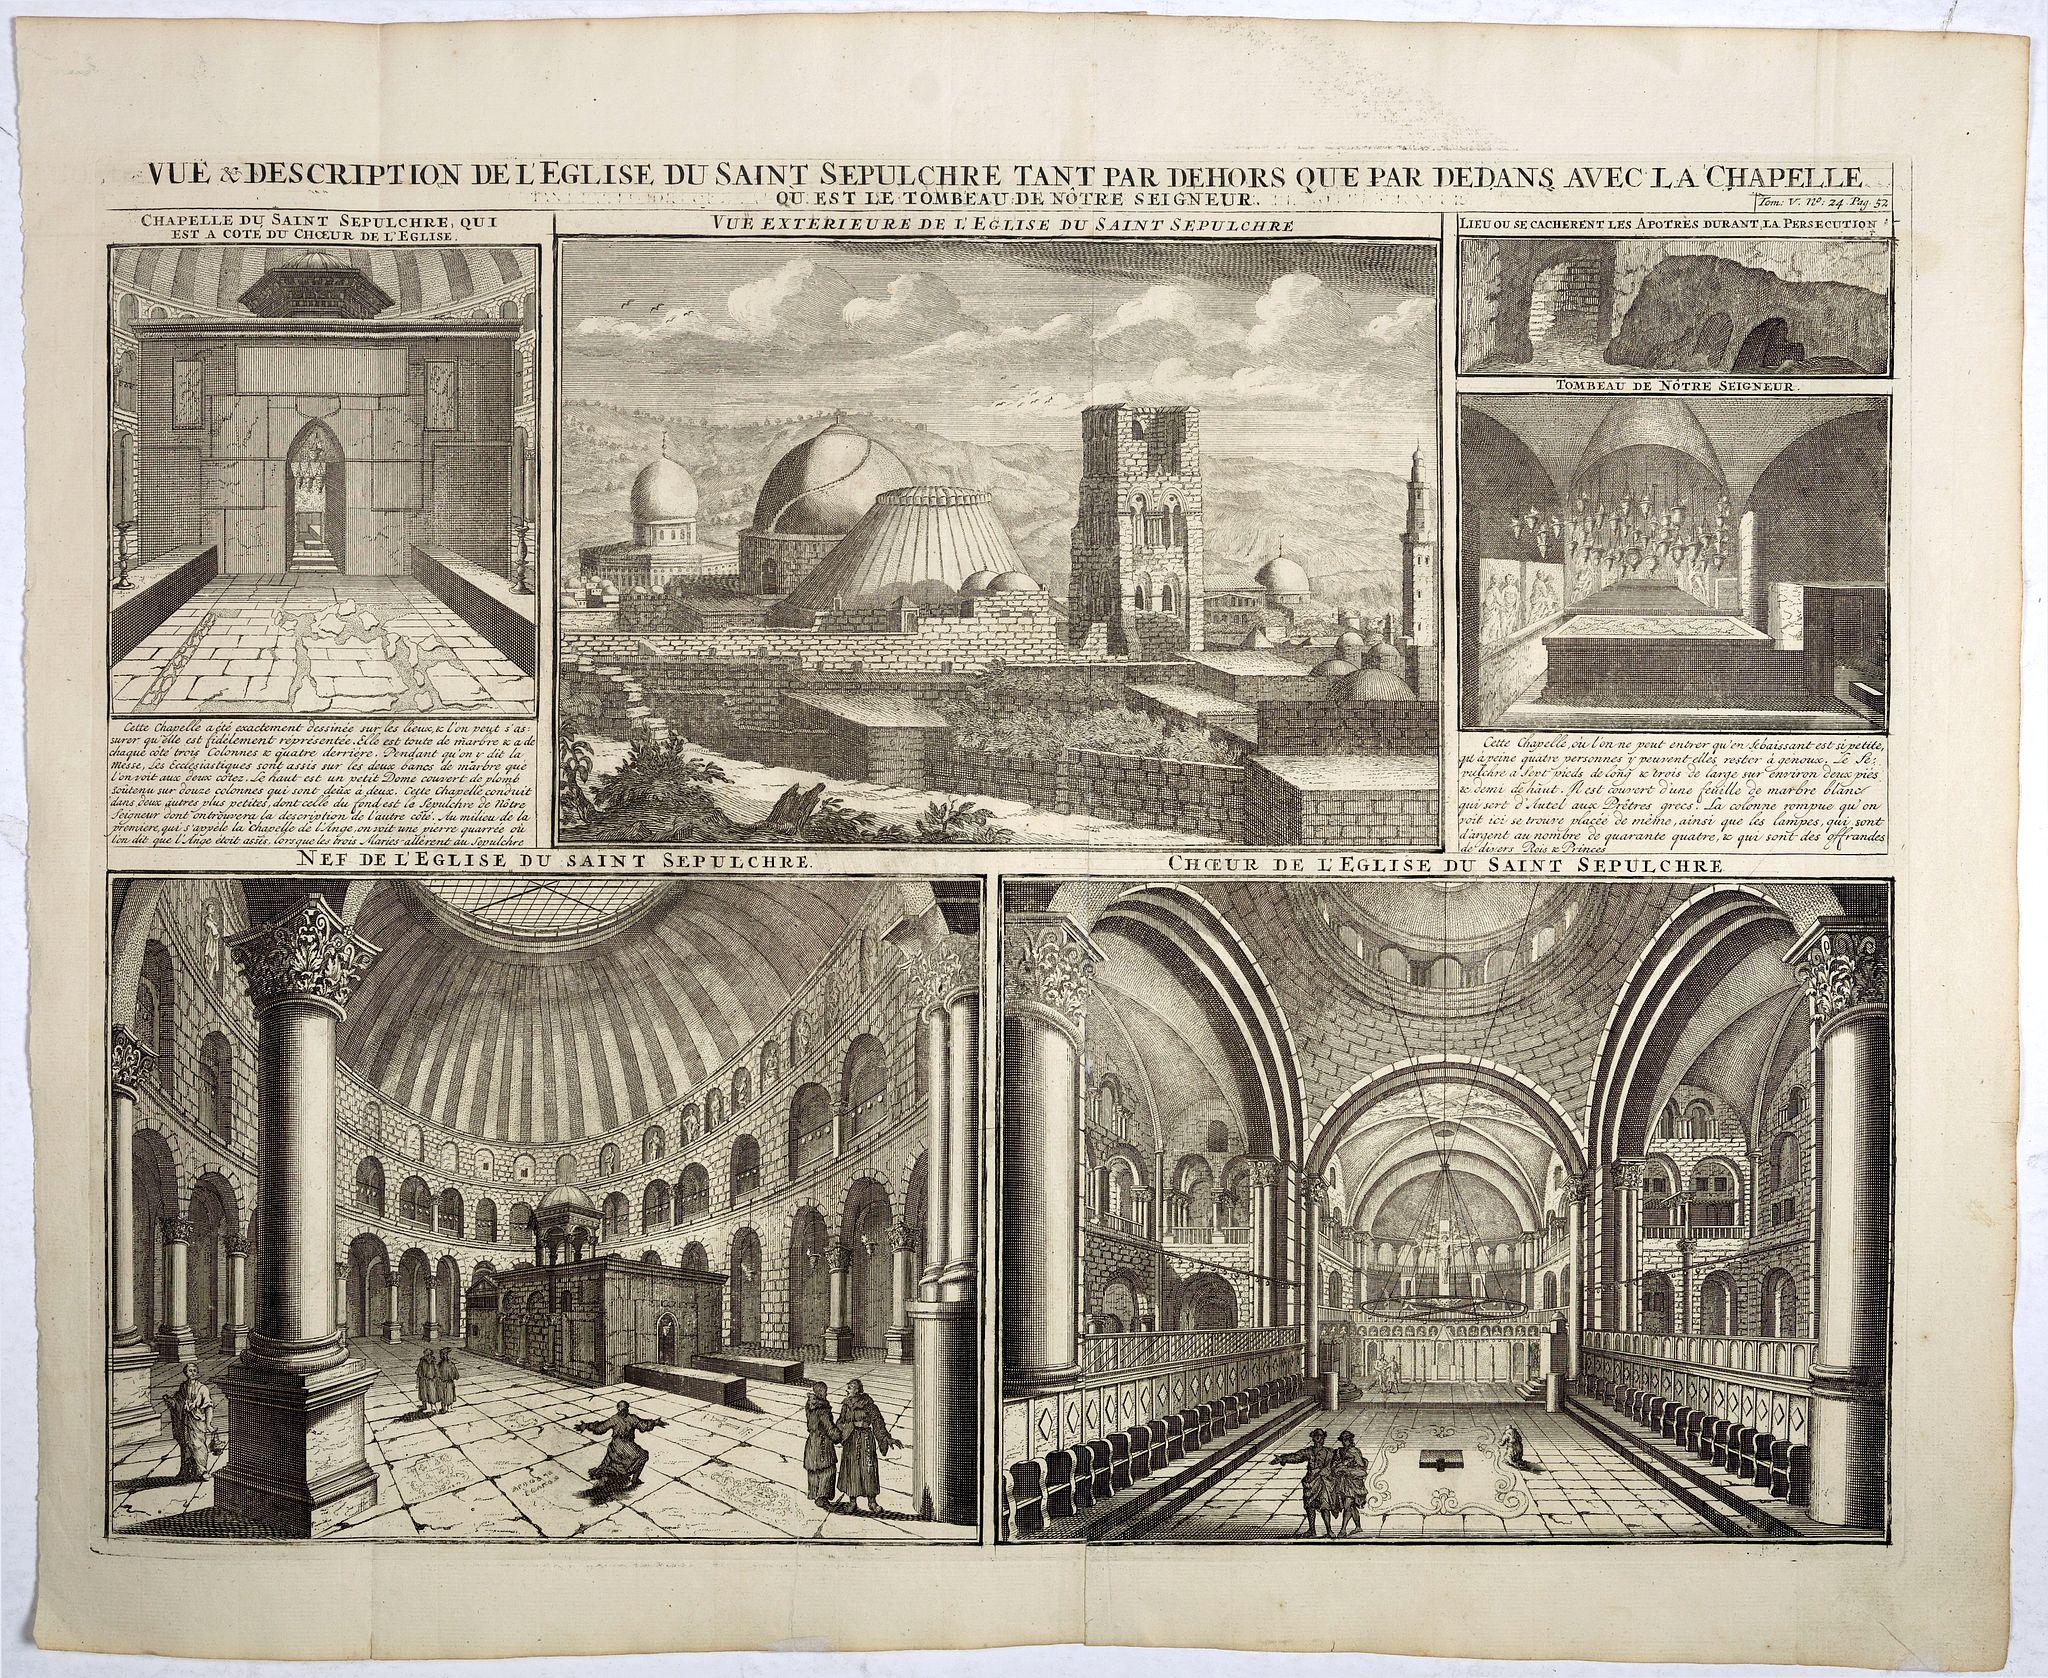 CHATELAIN, H. -  Vue & description de l'Eglise du Saint Sepulchre tant par dehors que dedans . . .